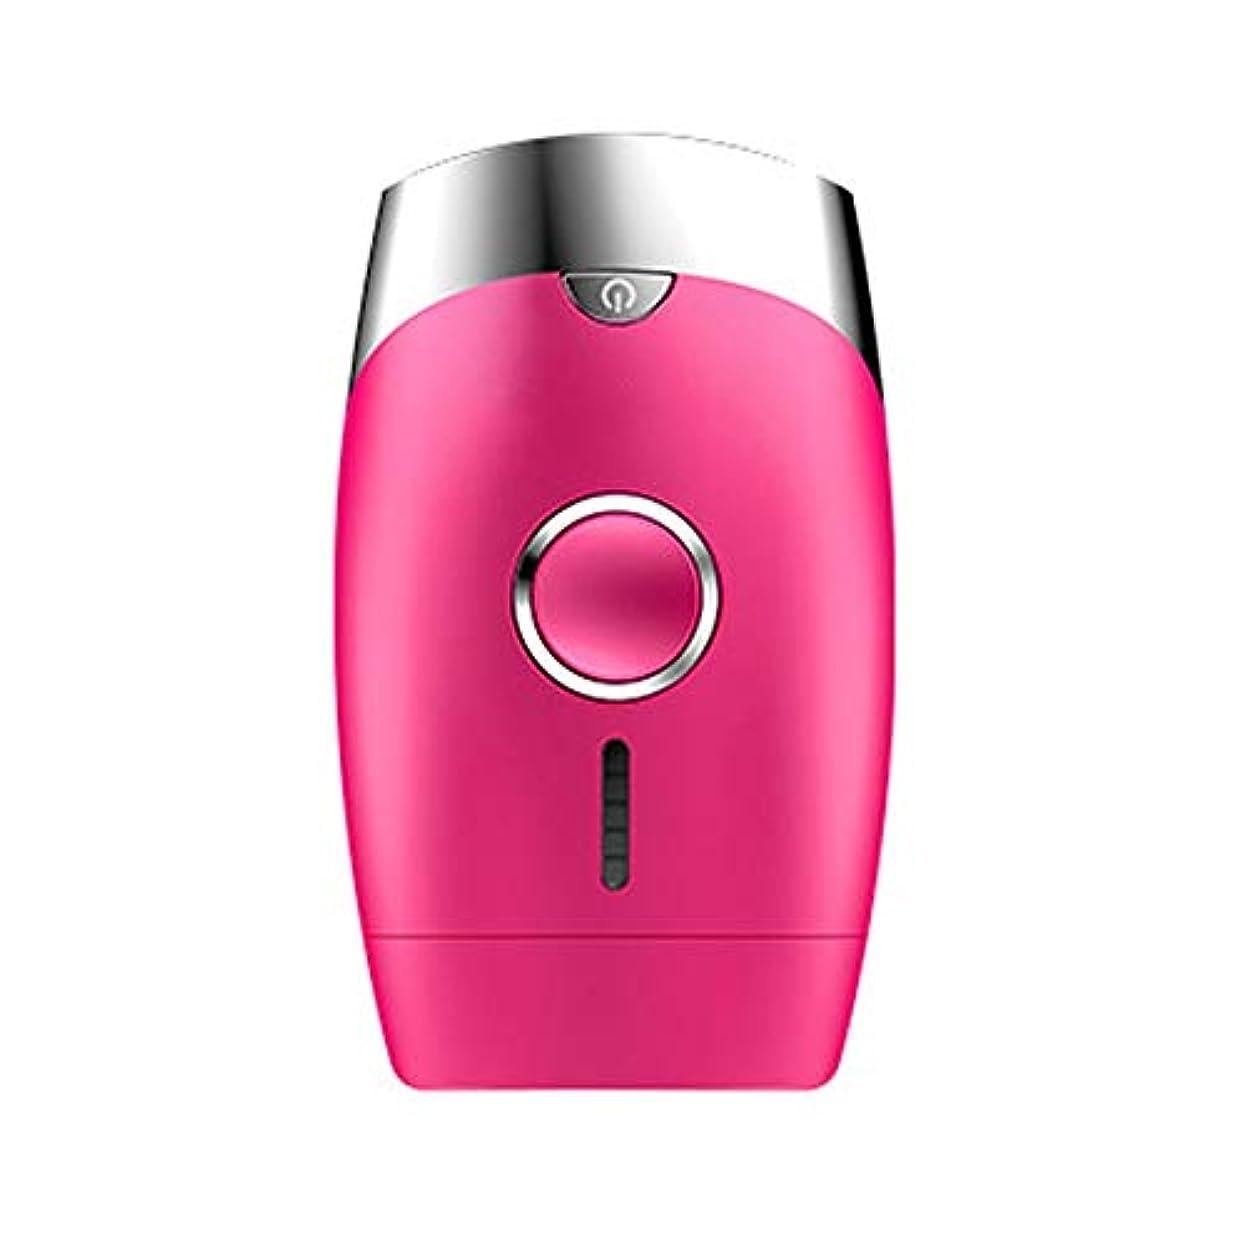 スーパーマーケット理想的にはシリアルピンク、5スピード調整、インテリジェント家庭用痛みのない凝固点ヘアリムーバー、シングルフラッシュ/連続フラッシュ、サイズ13.9 X 8.3 X 4.8 Cm 髪以外はきれい (Color : Pink)